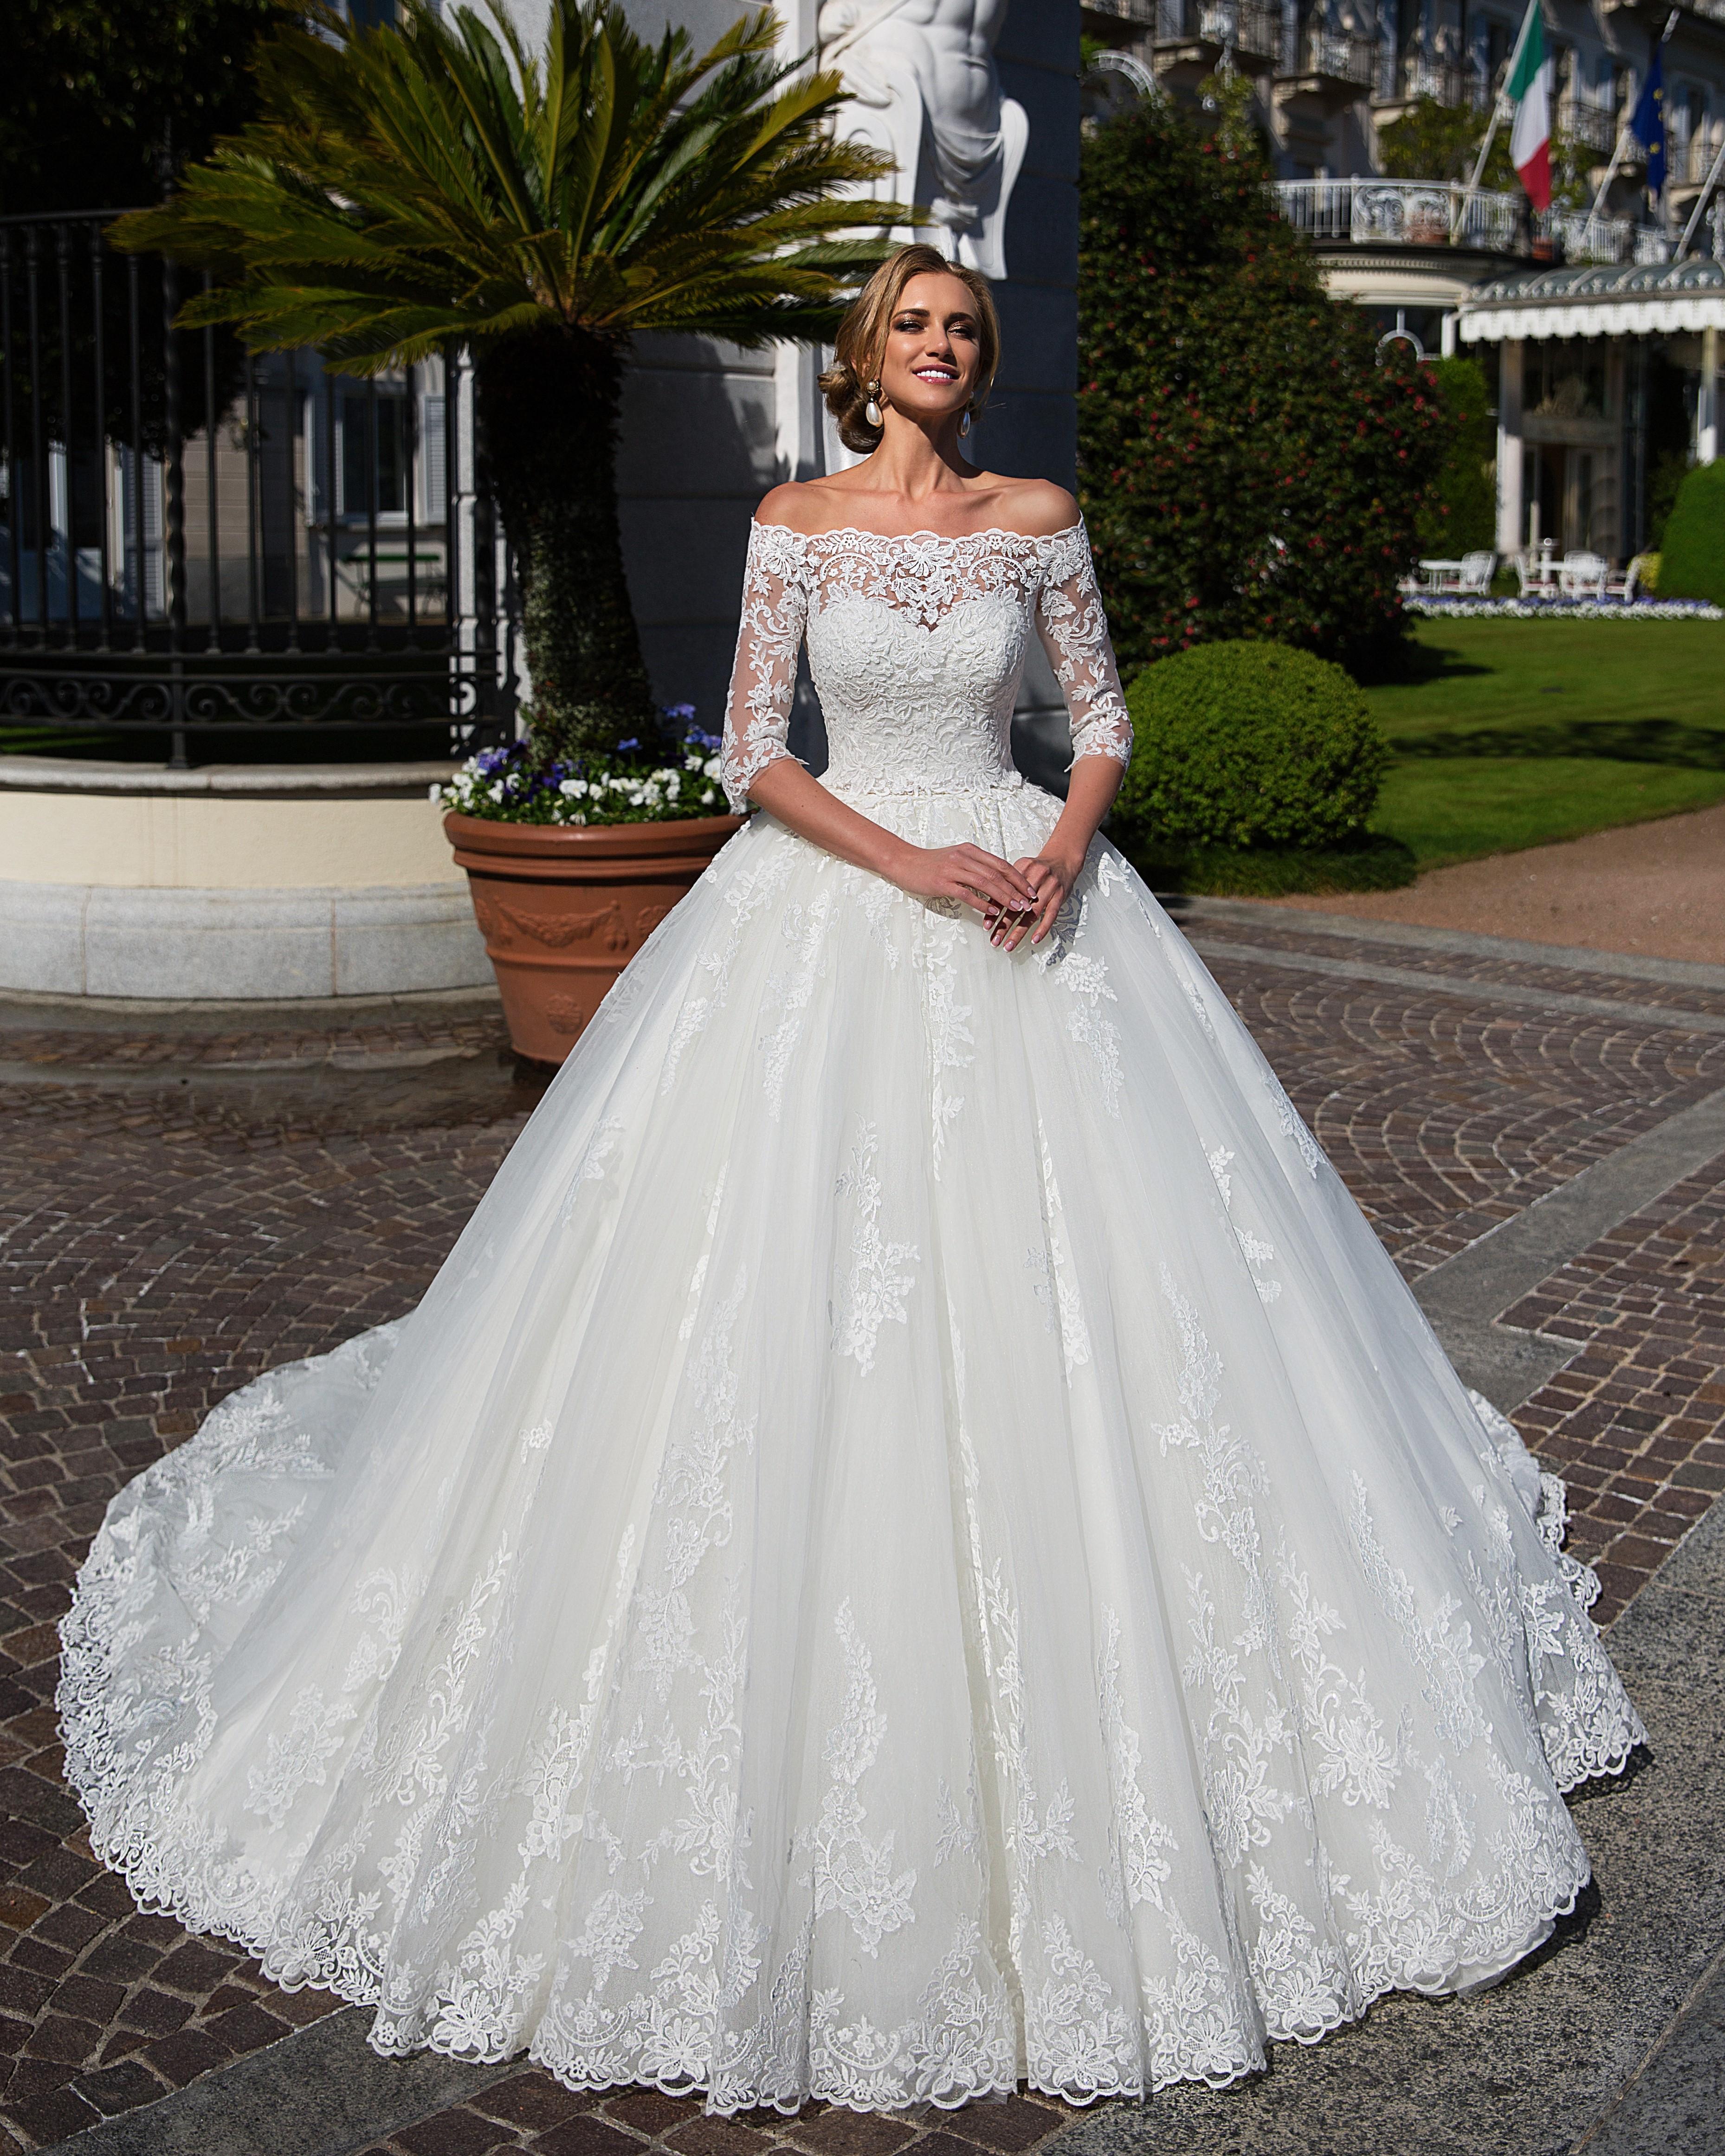 bb8a918ceef Свадебные платья из Италии в Украине  где купить   тенденции и ...